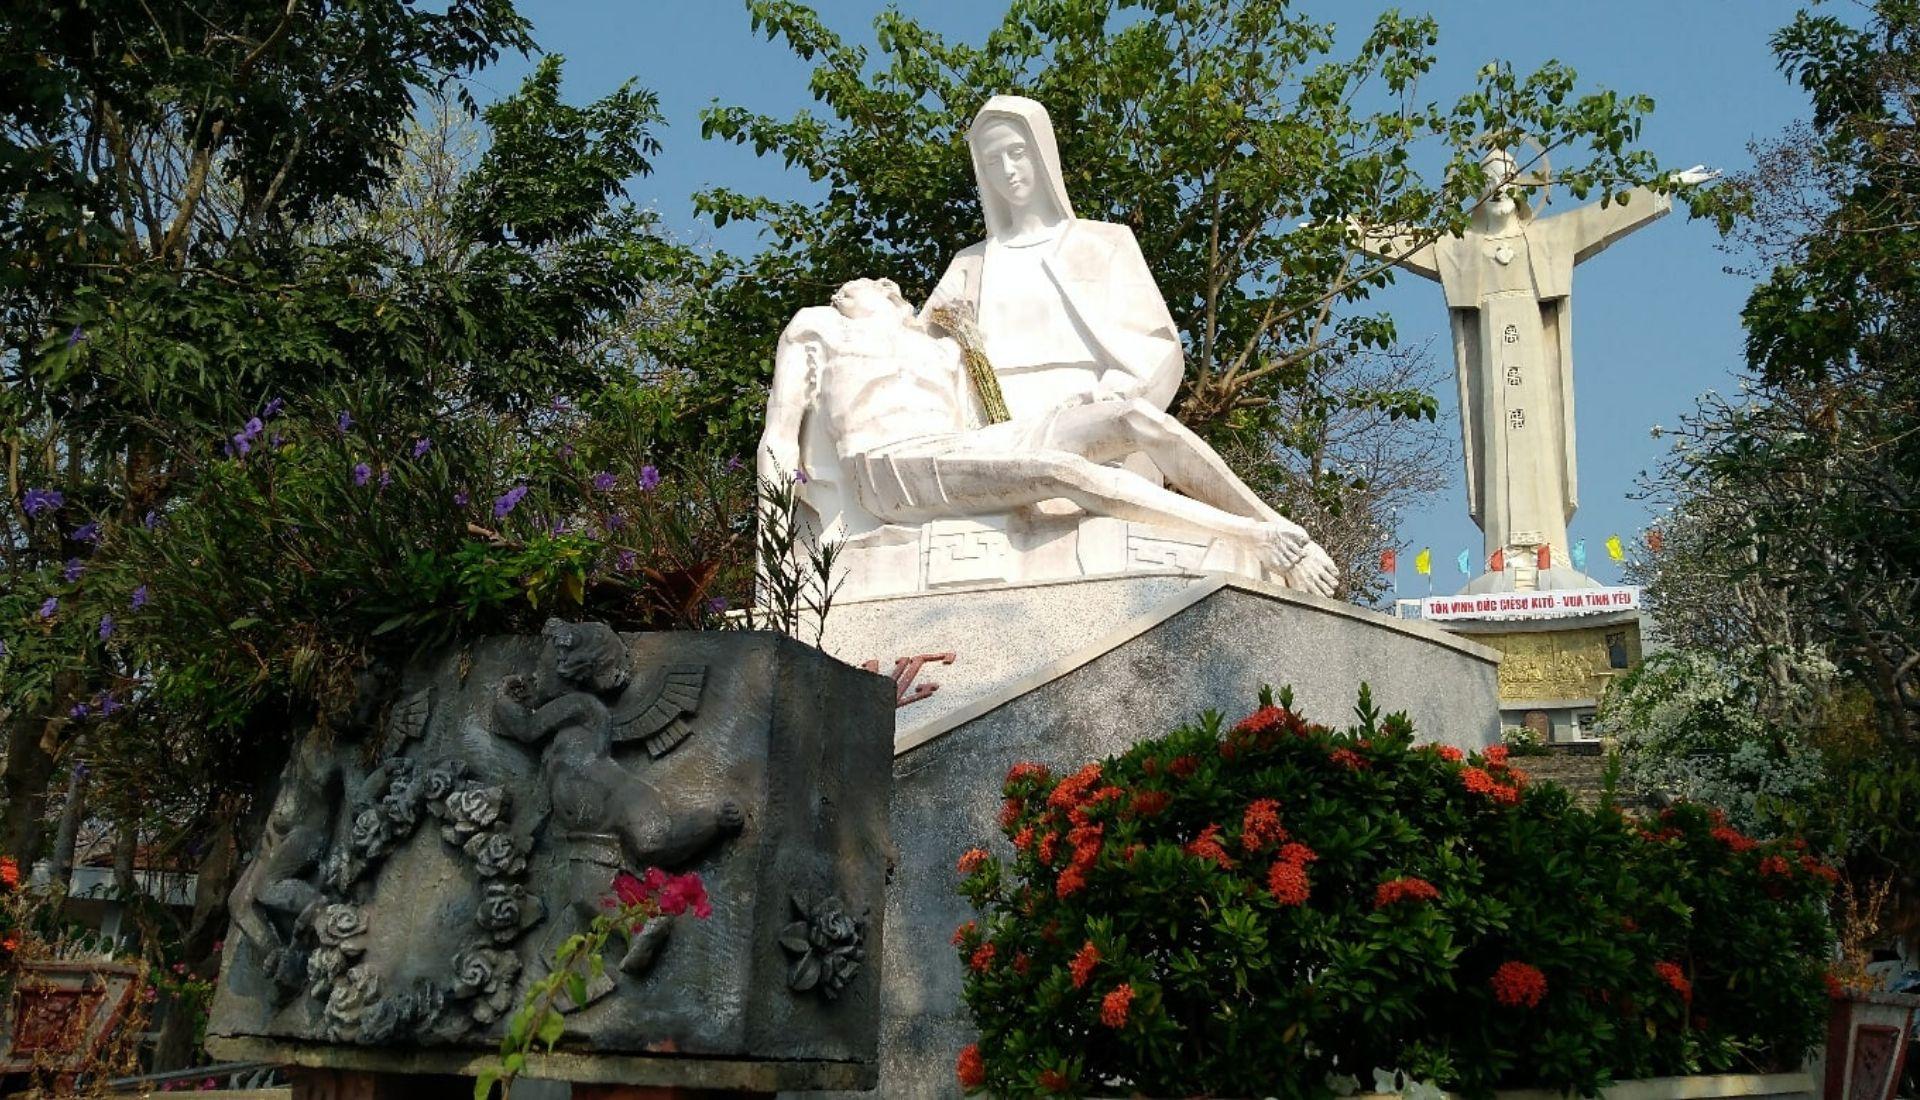 Tuong Dai Chua Kito Vau